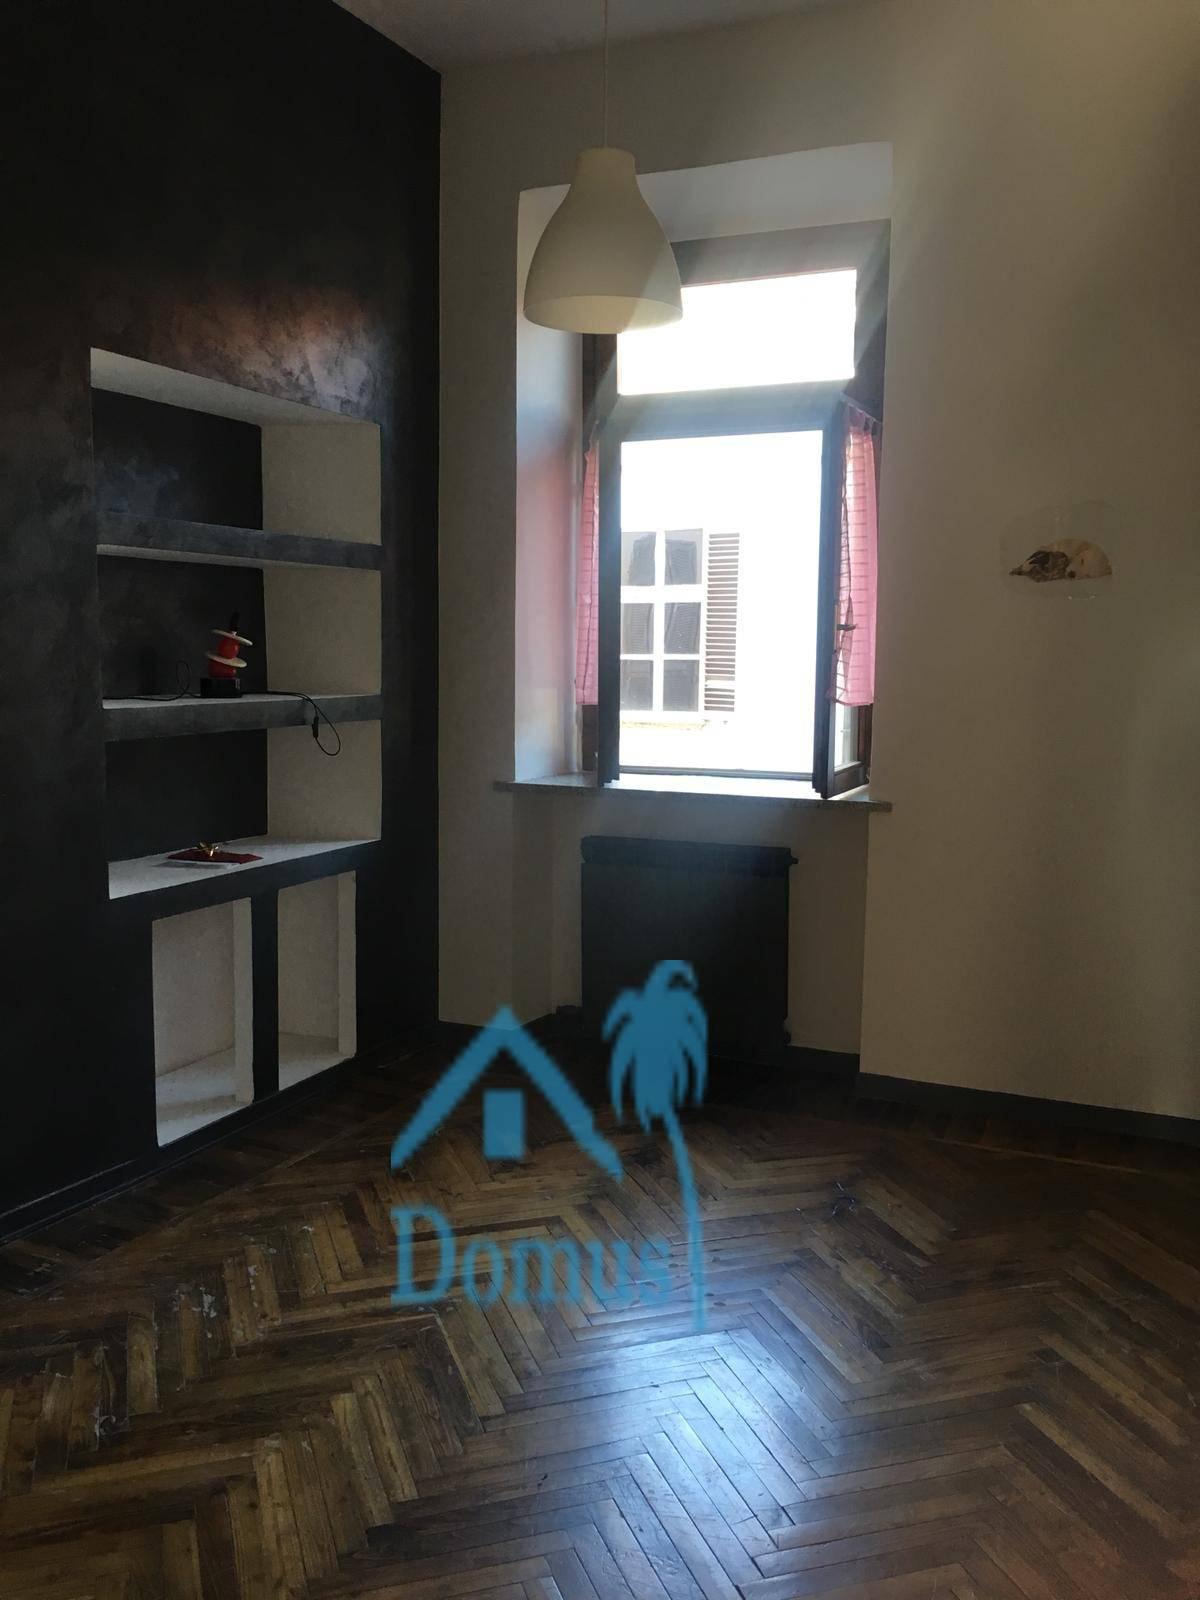 Appartamento in affitto a pinerolo cod 674 for Affitto arredato pinerolo